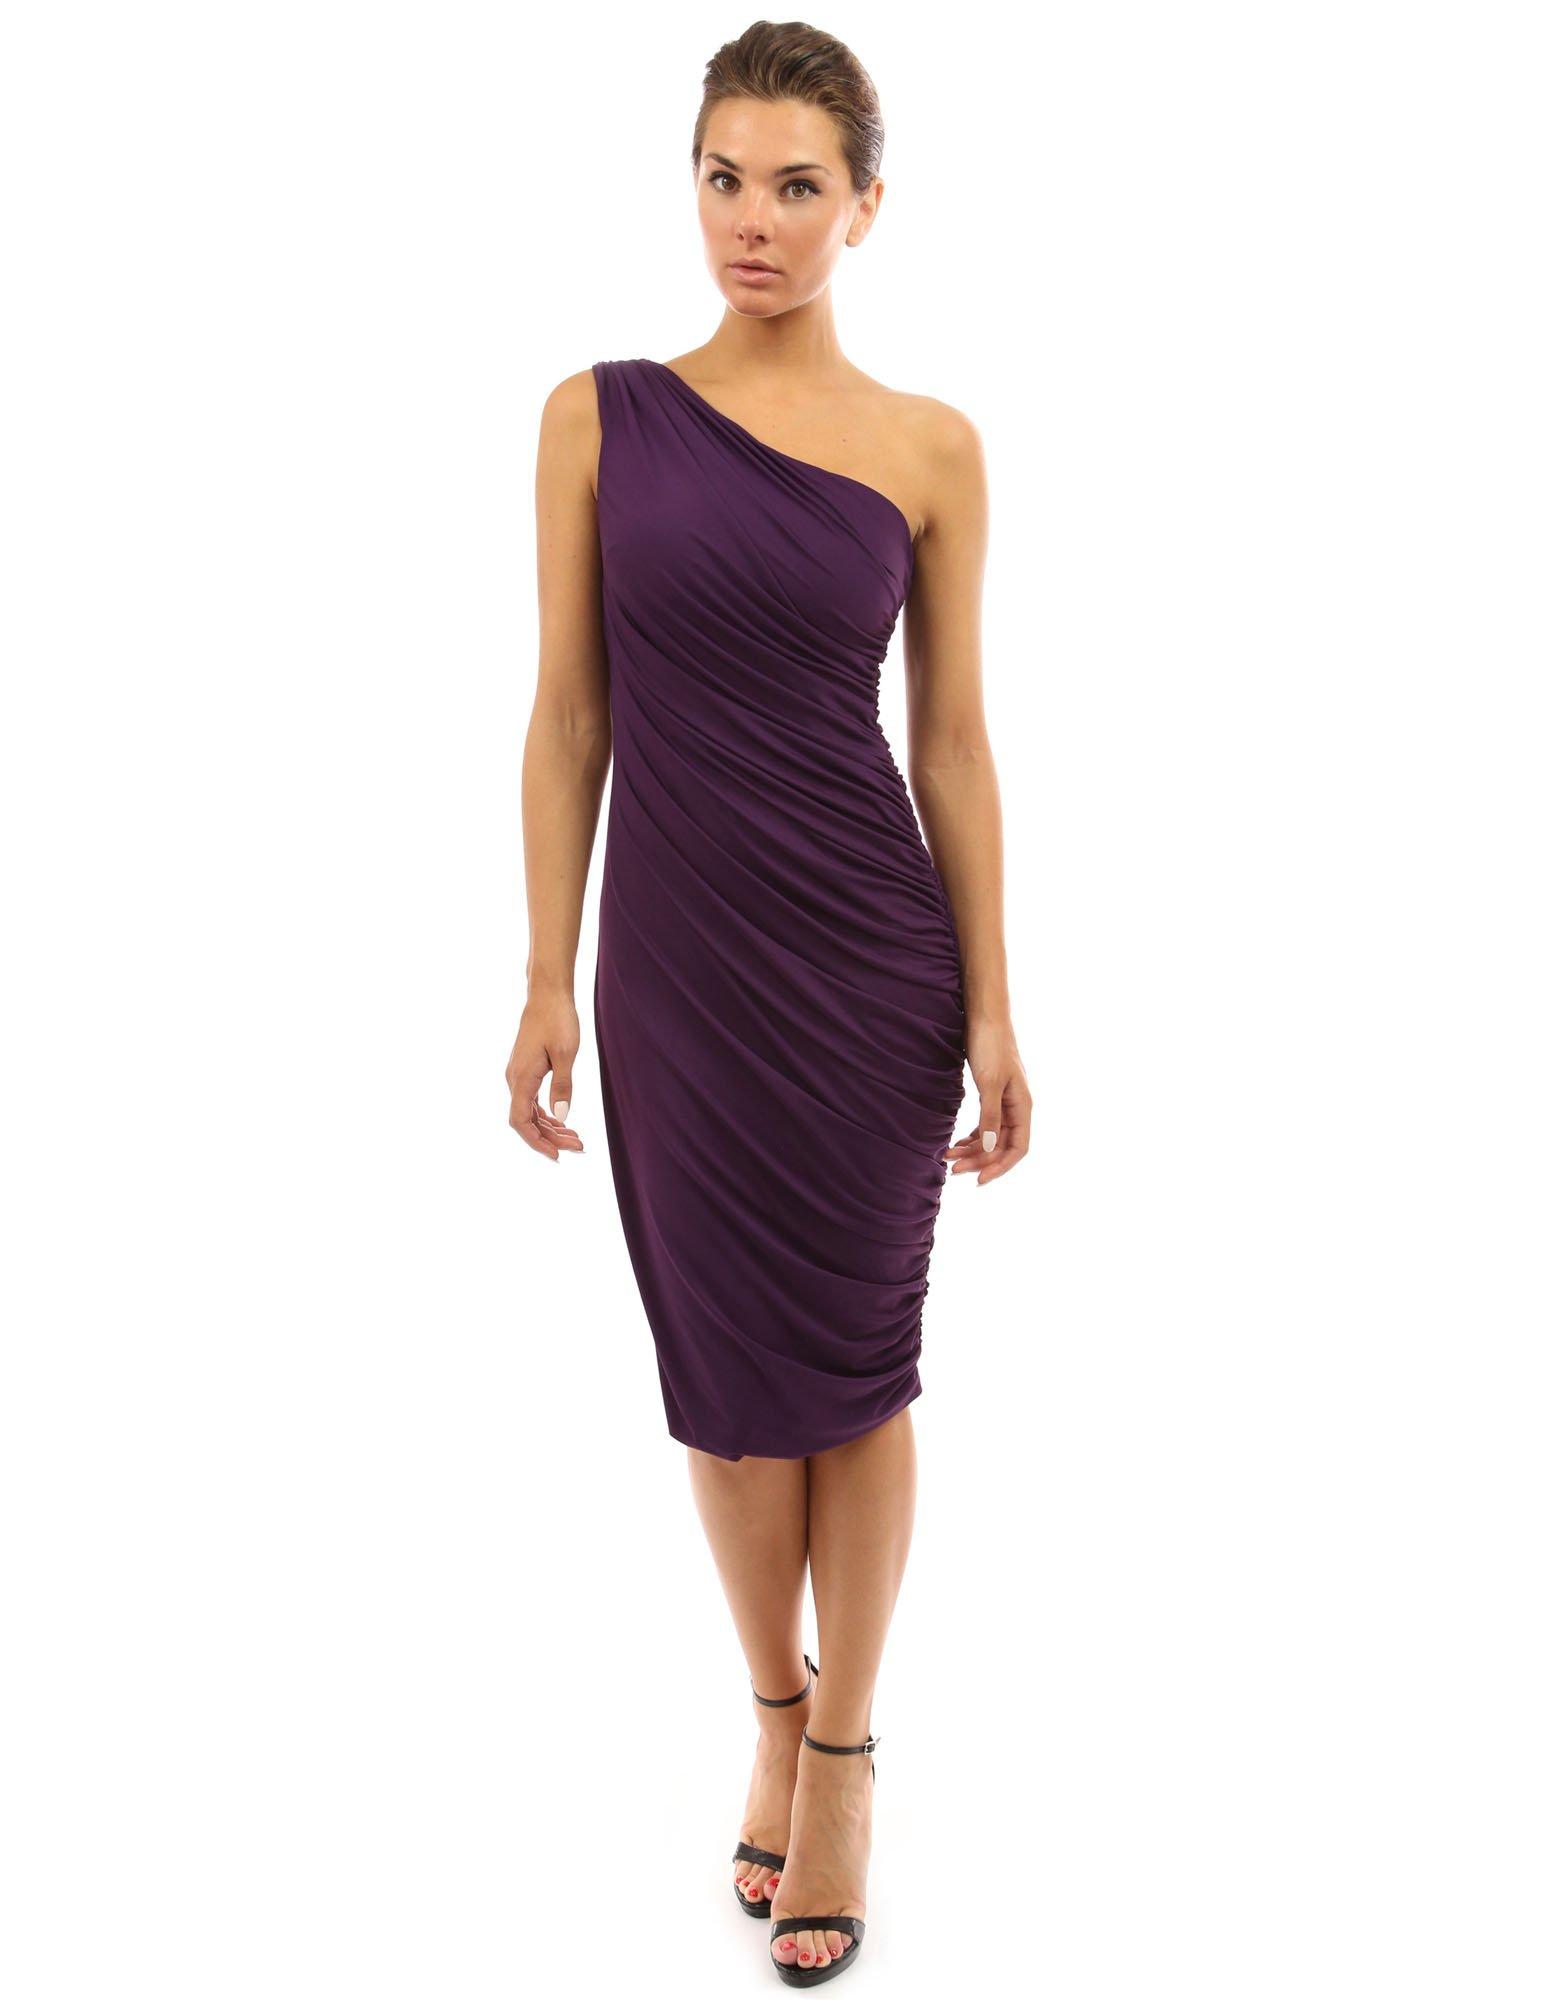 PattyBoutik Women's One Shoulder Cocktail Dress (Dark Purple XL)